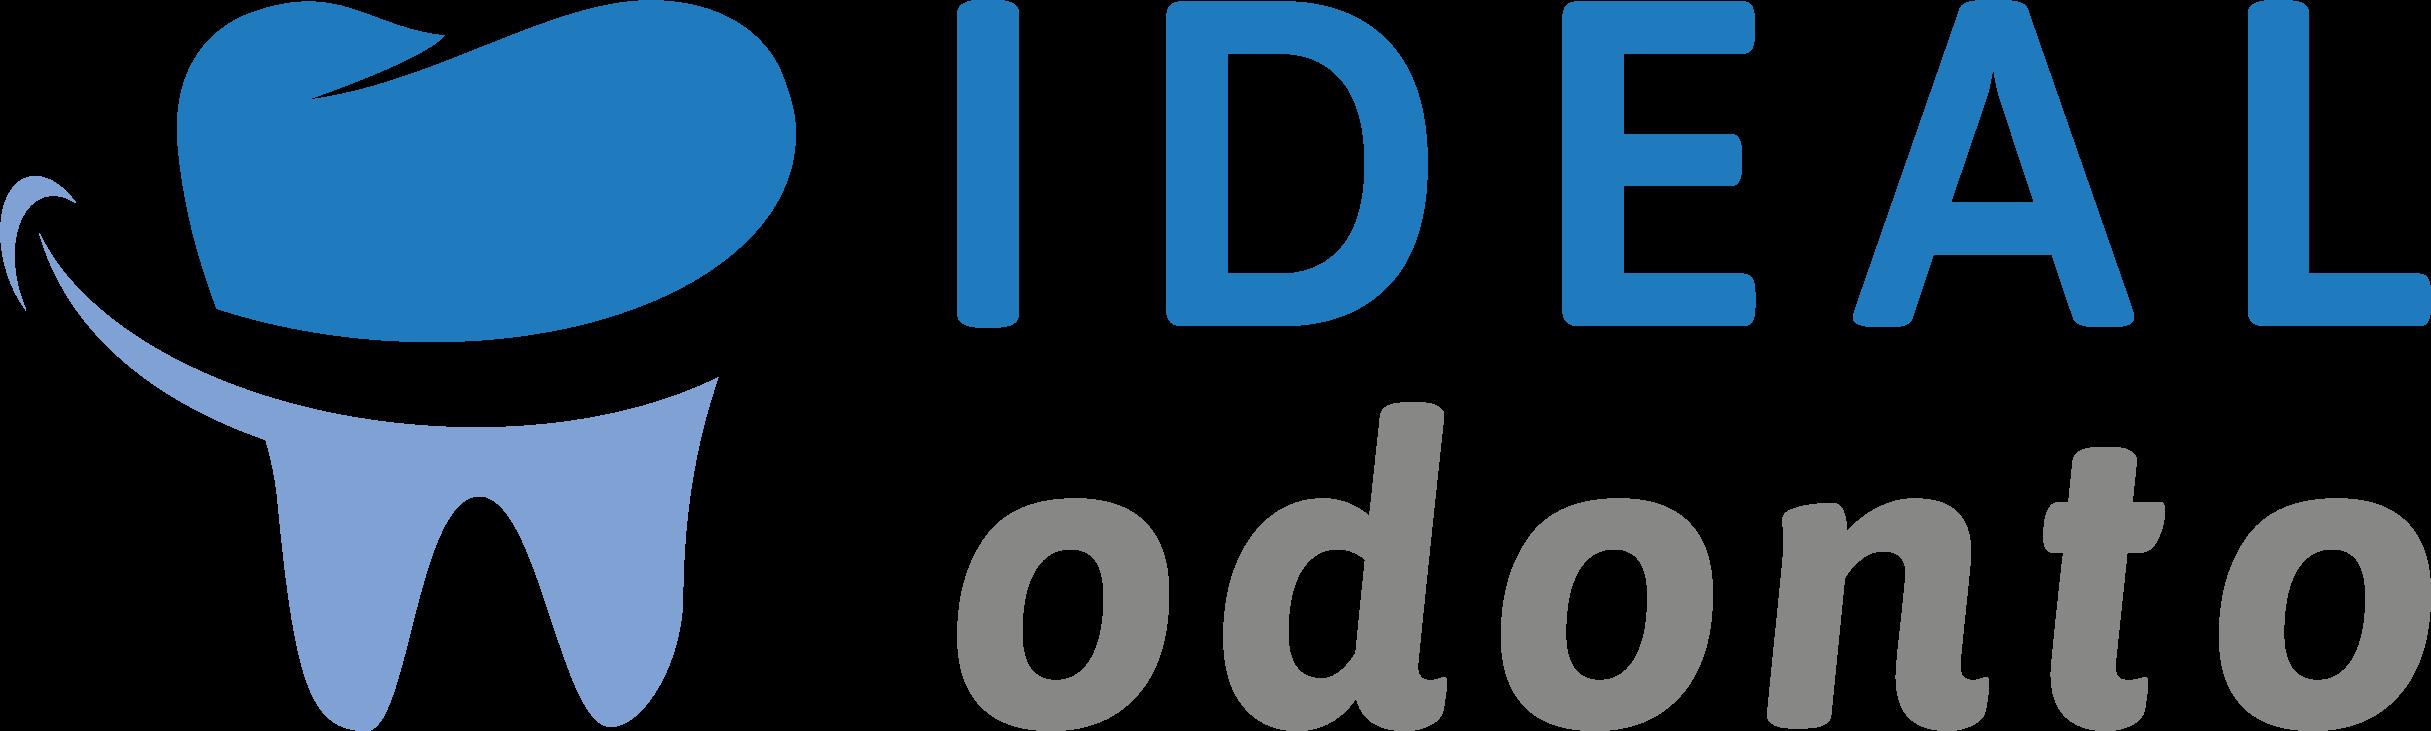 Ideal Odonto - Marketing de posicionamento para internet